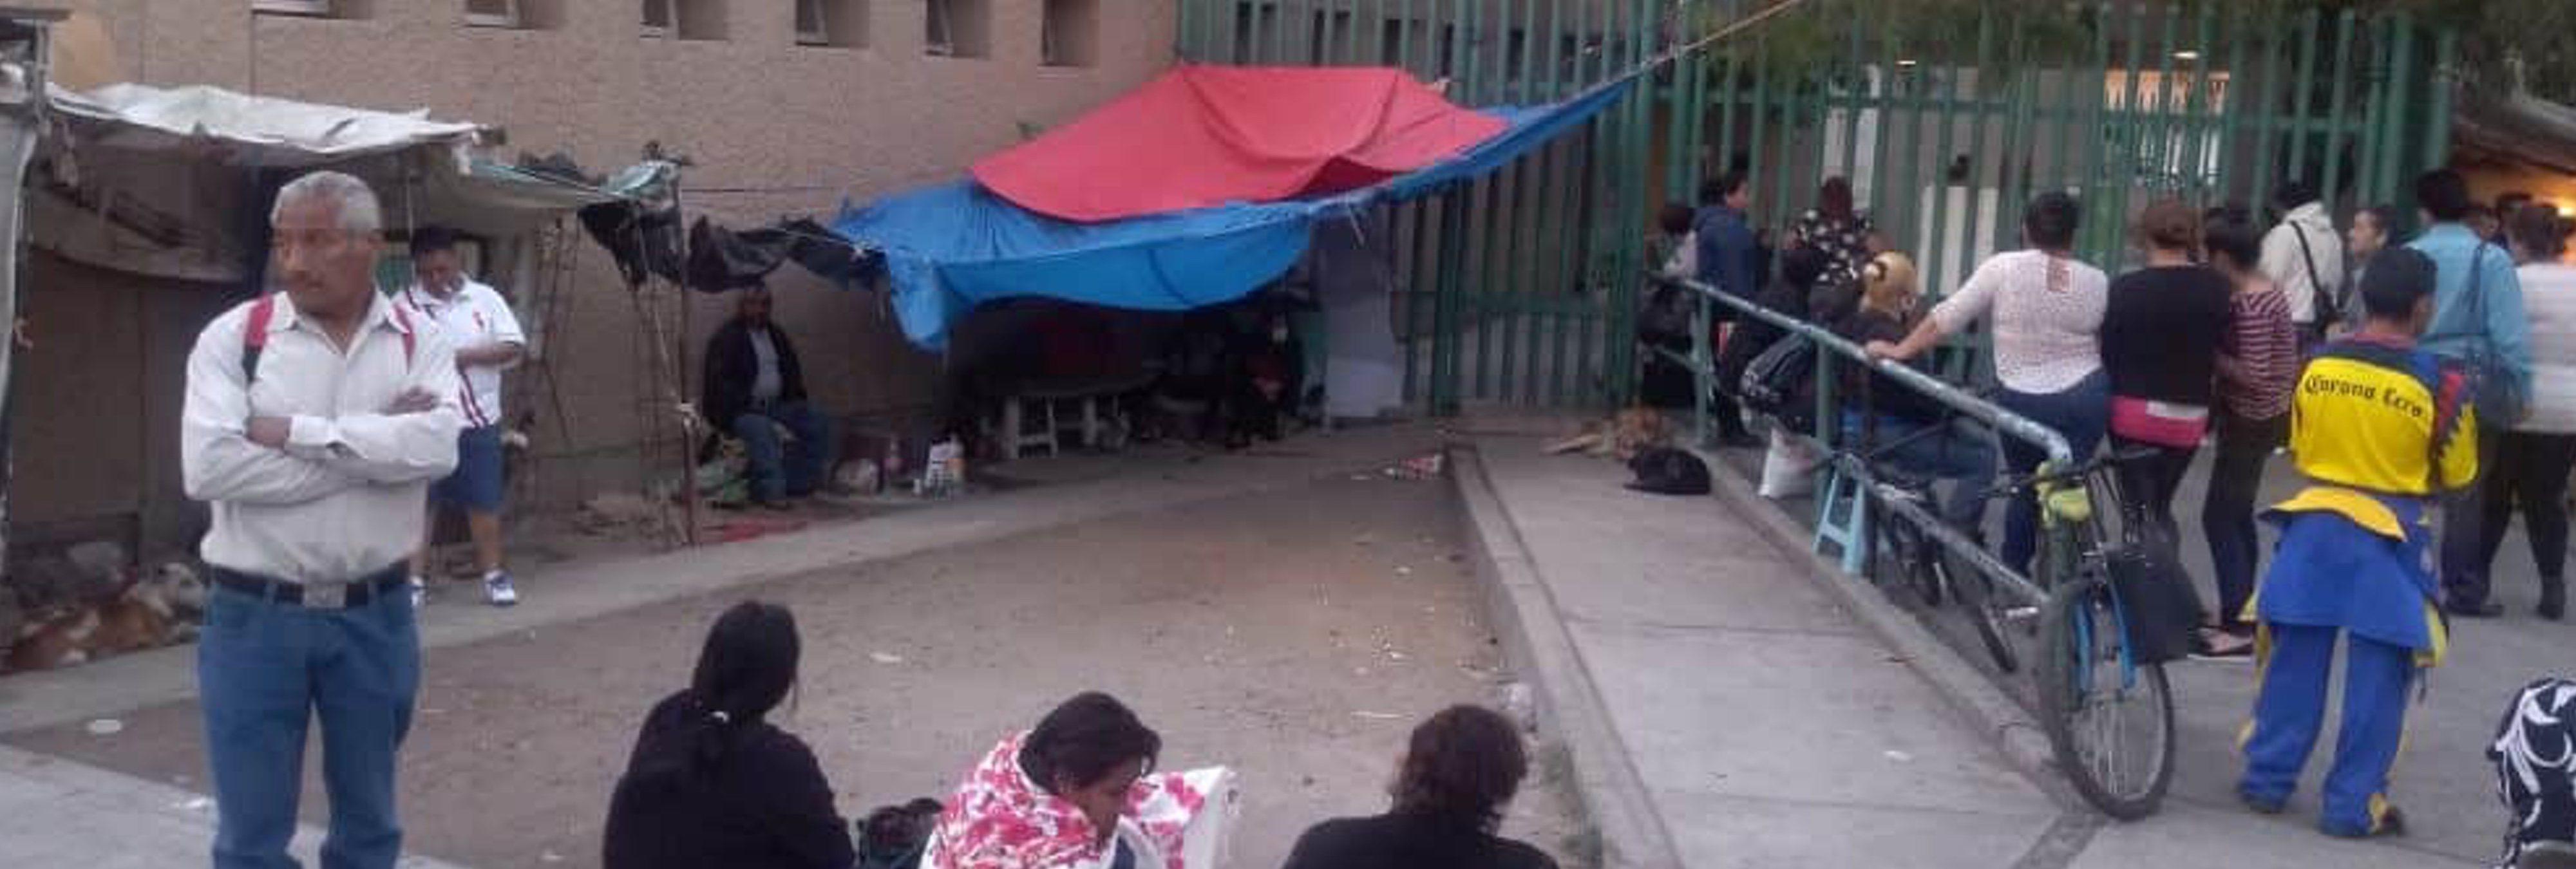 Obligan a varios hospitales mexicanos a reutilizar las jeringuillas por falta de presupuesto